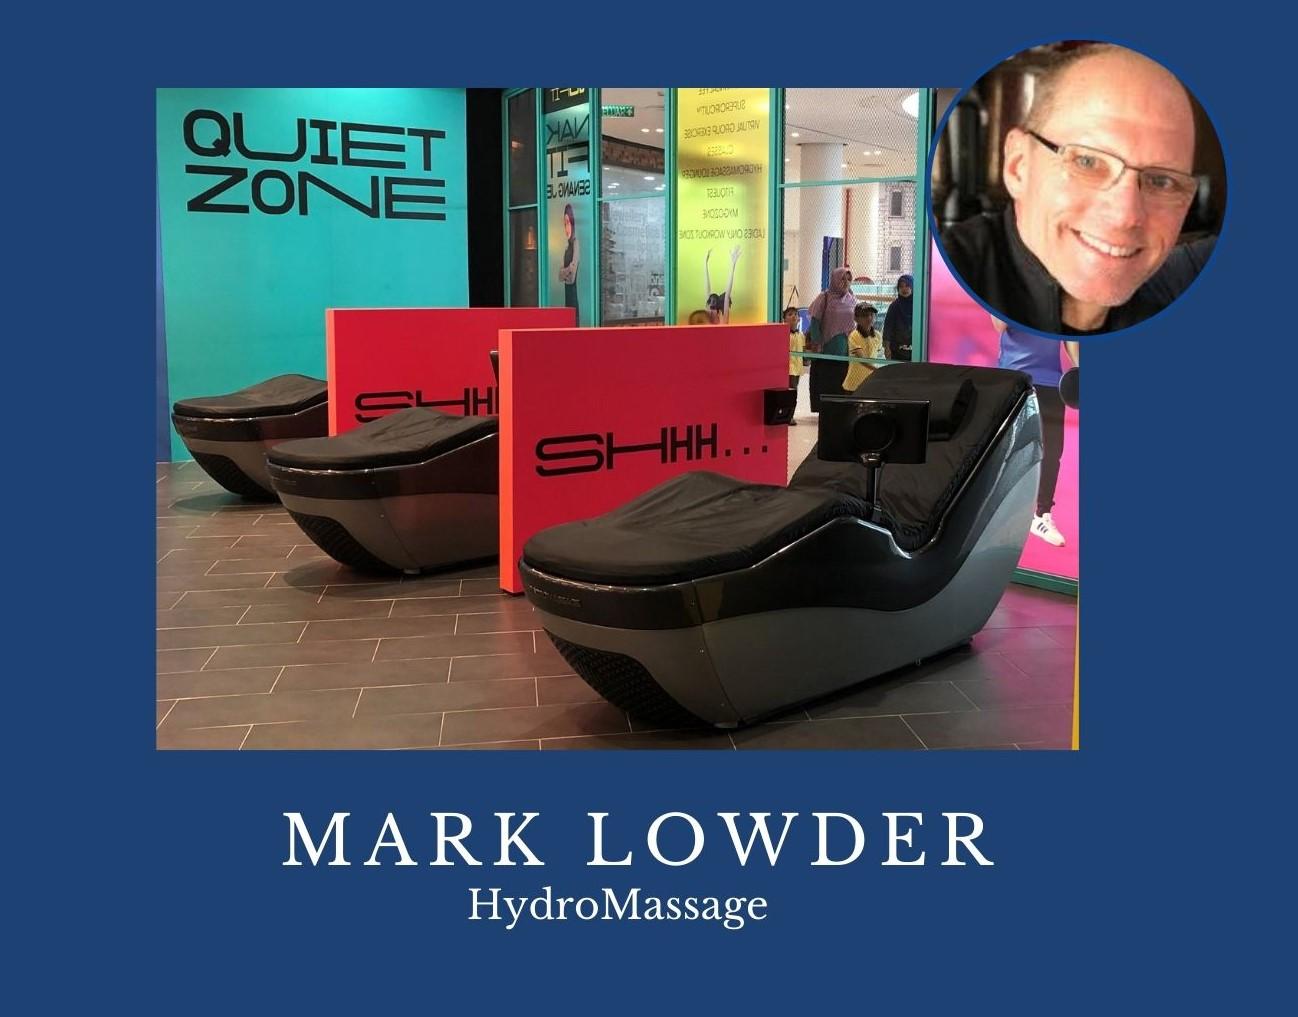 Mark Lowder